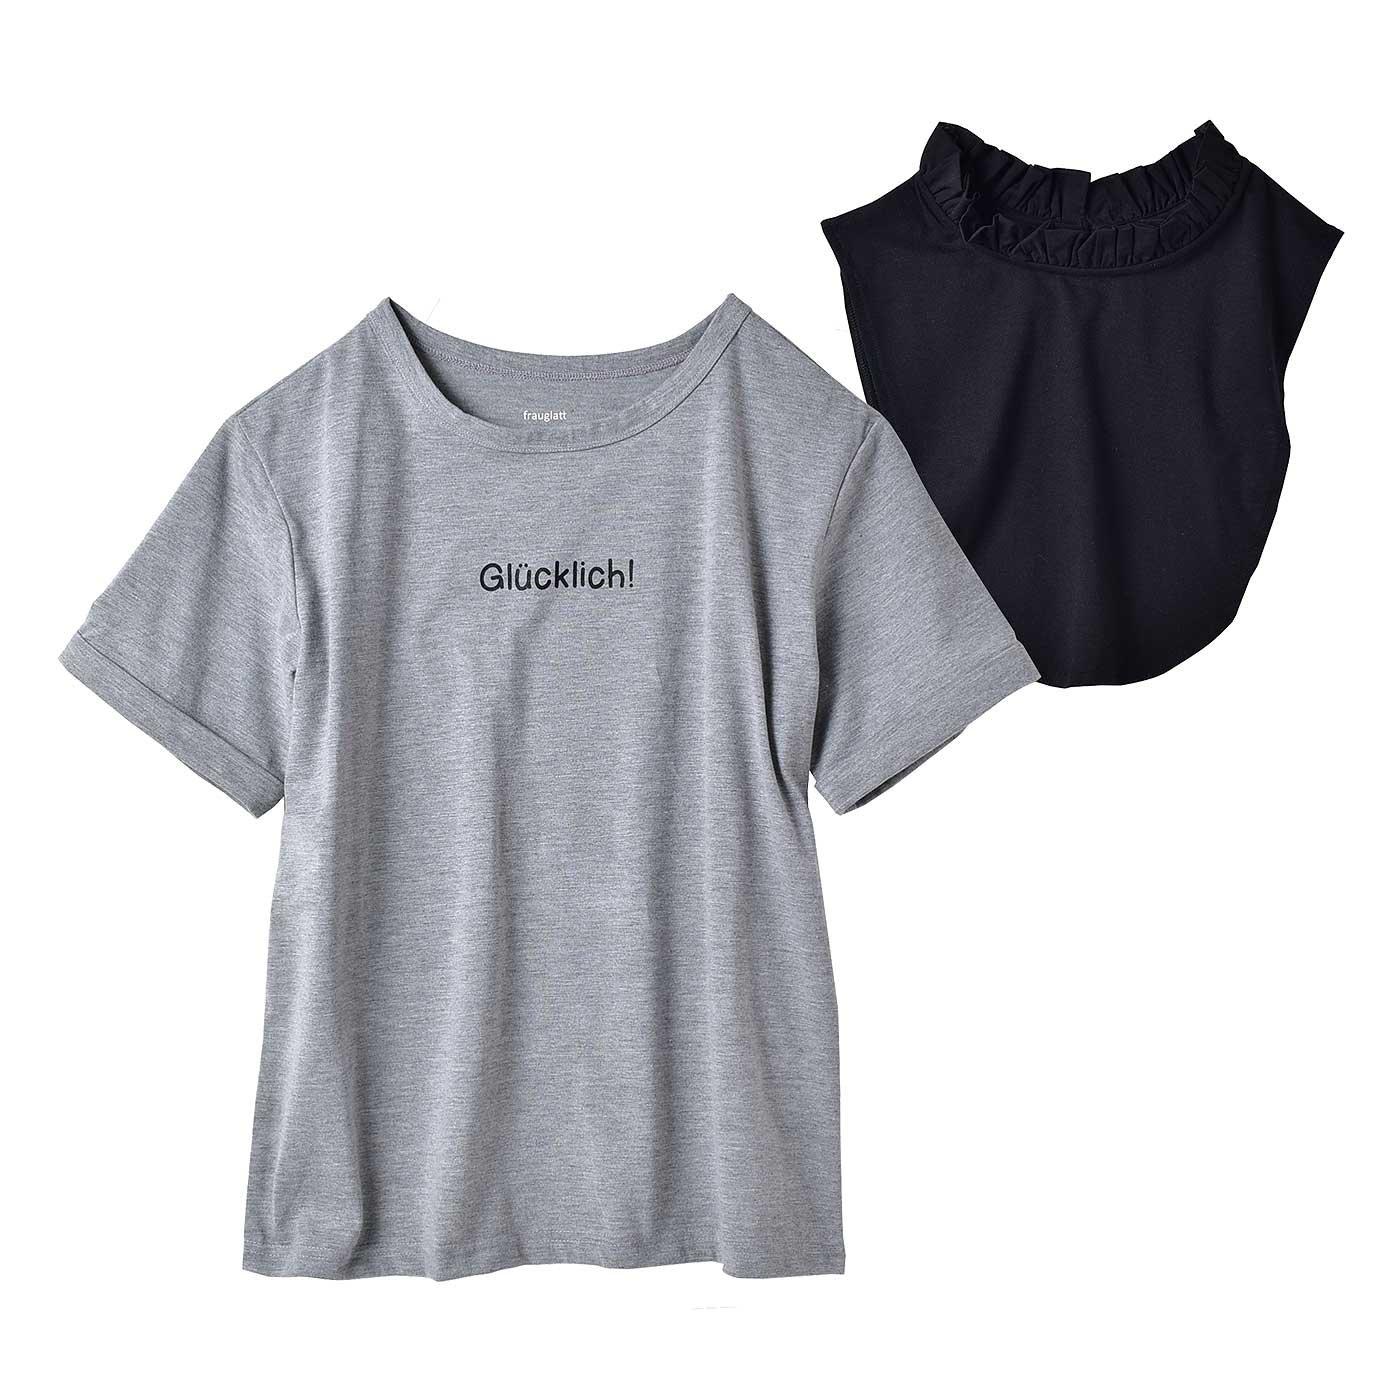 フラウグラット 大人の上品フリル付け衿&ほんのりロゴTシャツセット〈吸水速乾〉〈杢グレー×ブラック〉